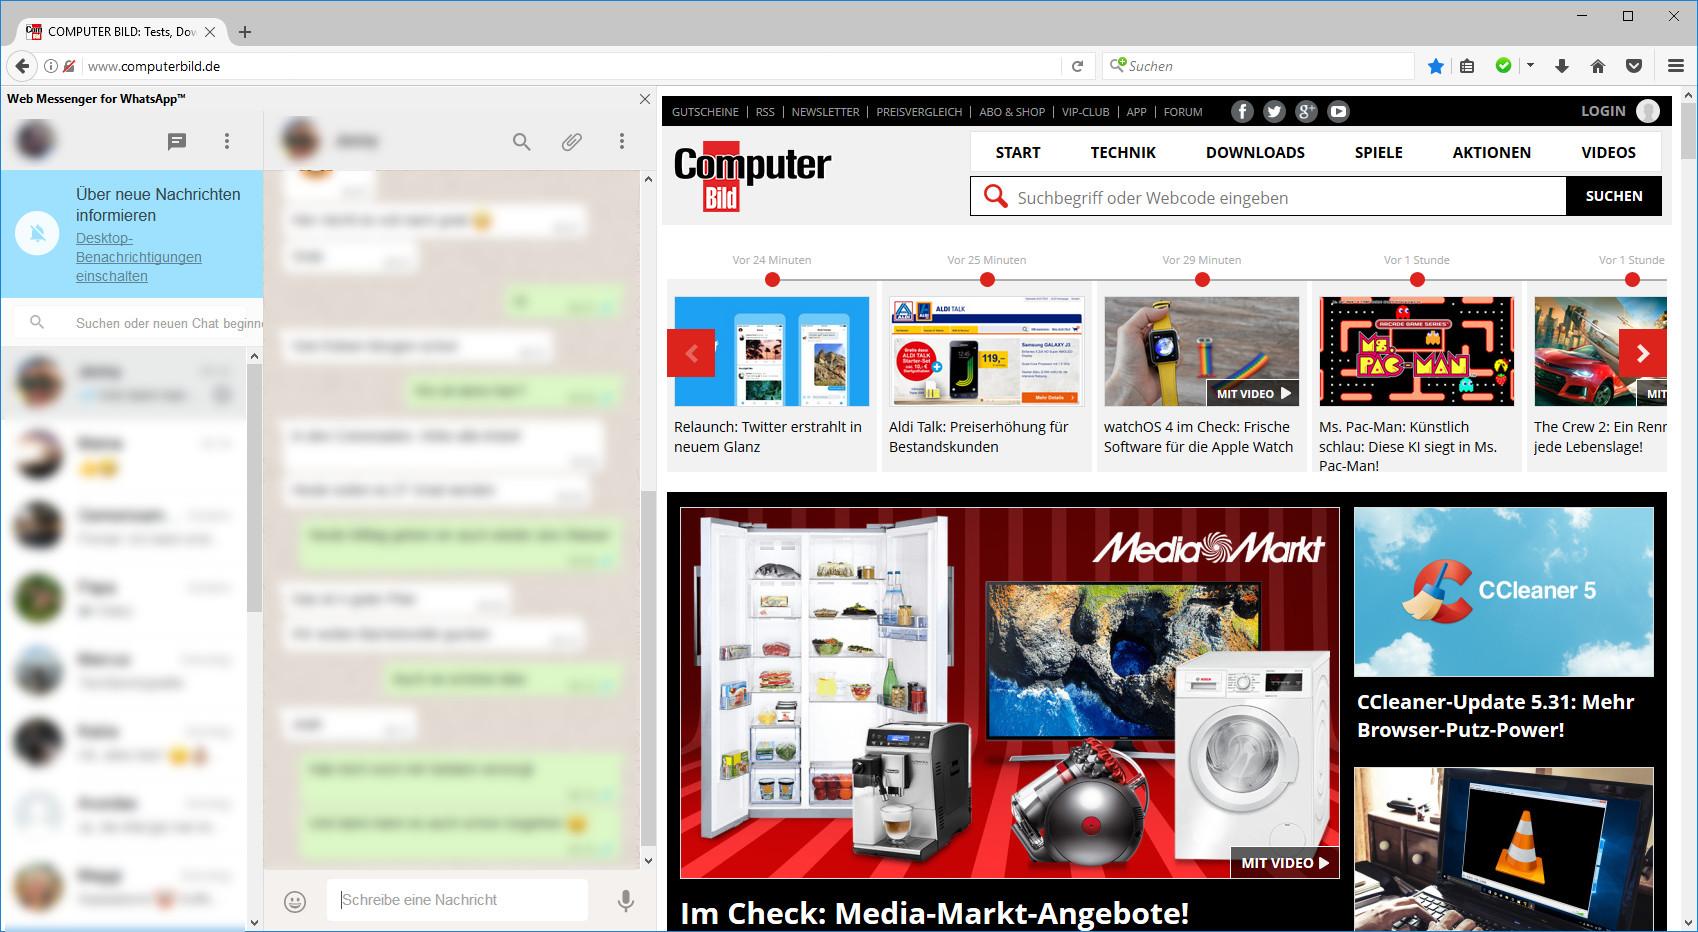 Screenshot 1 - WhatsApp-Web-Messenger für Firefox